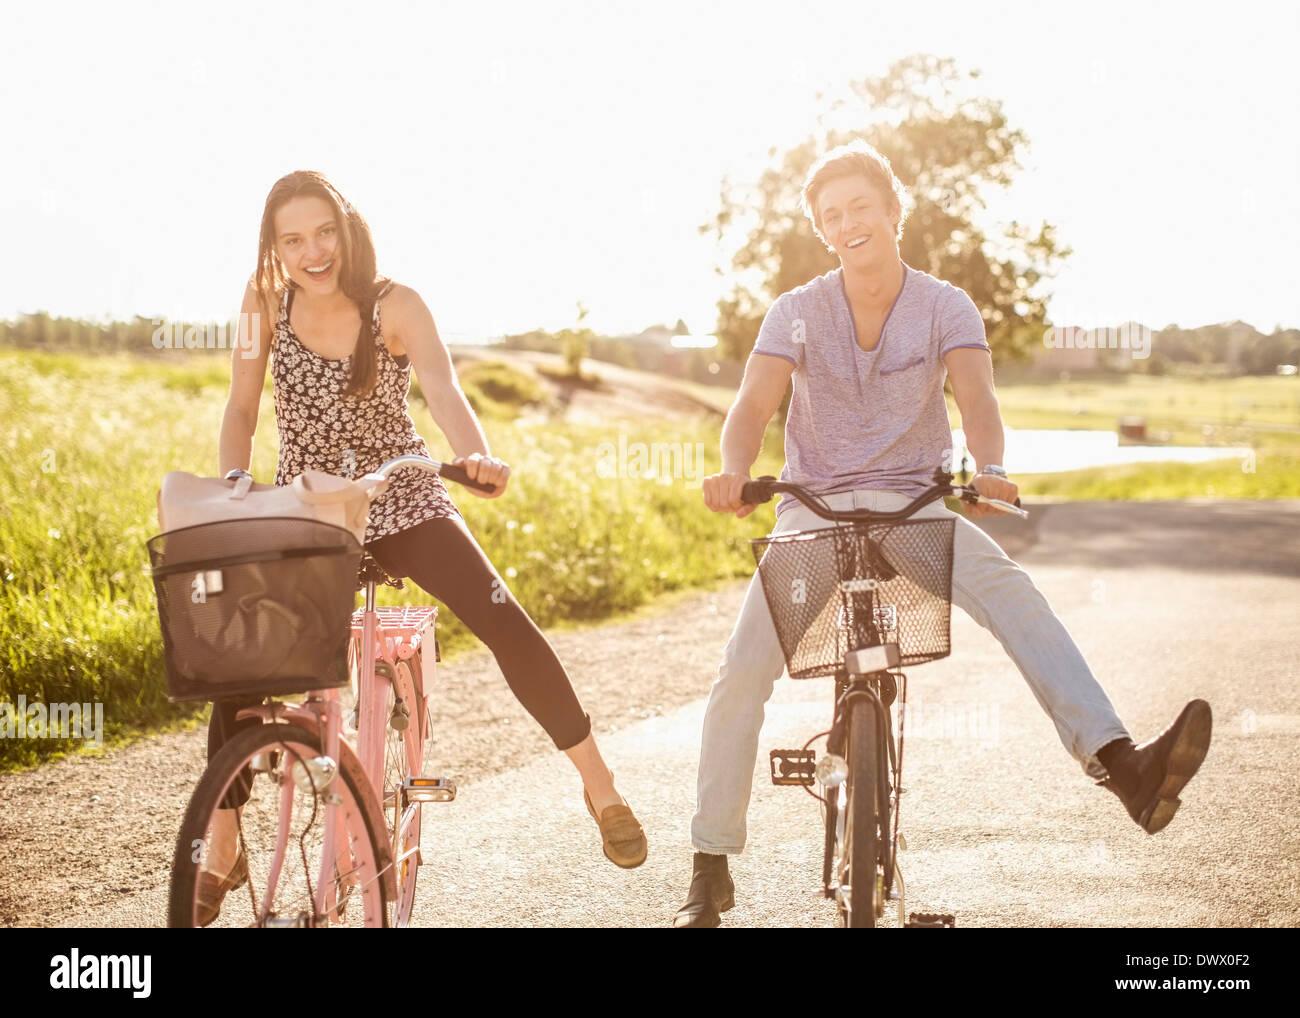 Portrait of happy young couple avec les jambes à vélo sur route de campagne Photo Stock